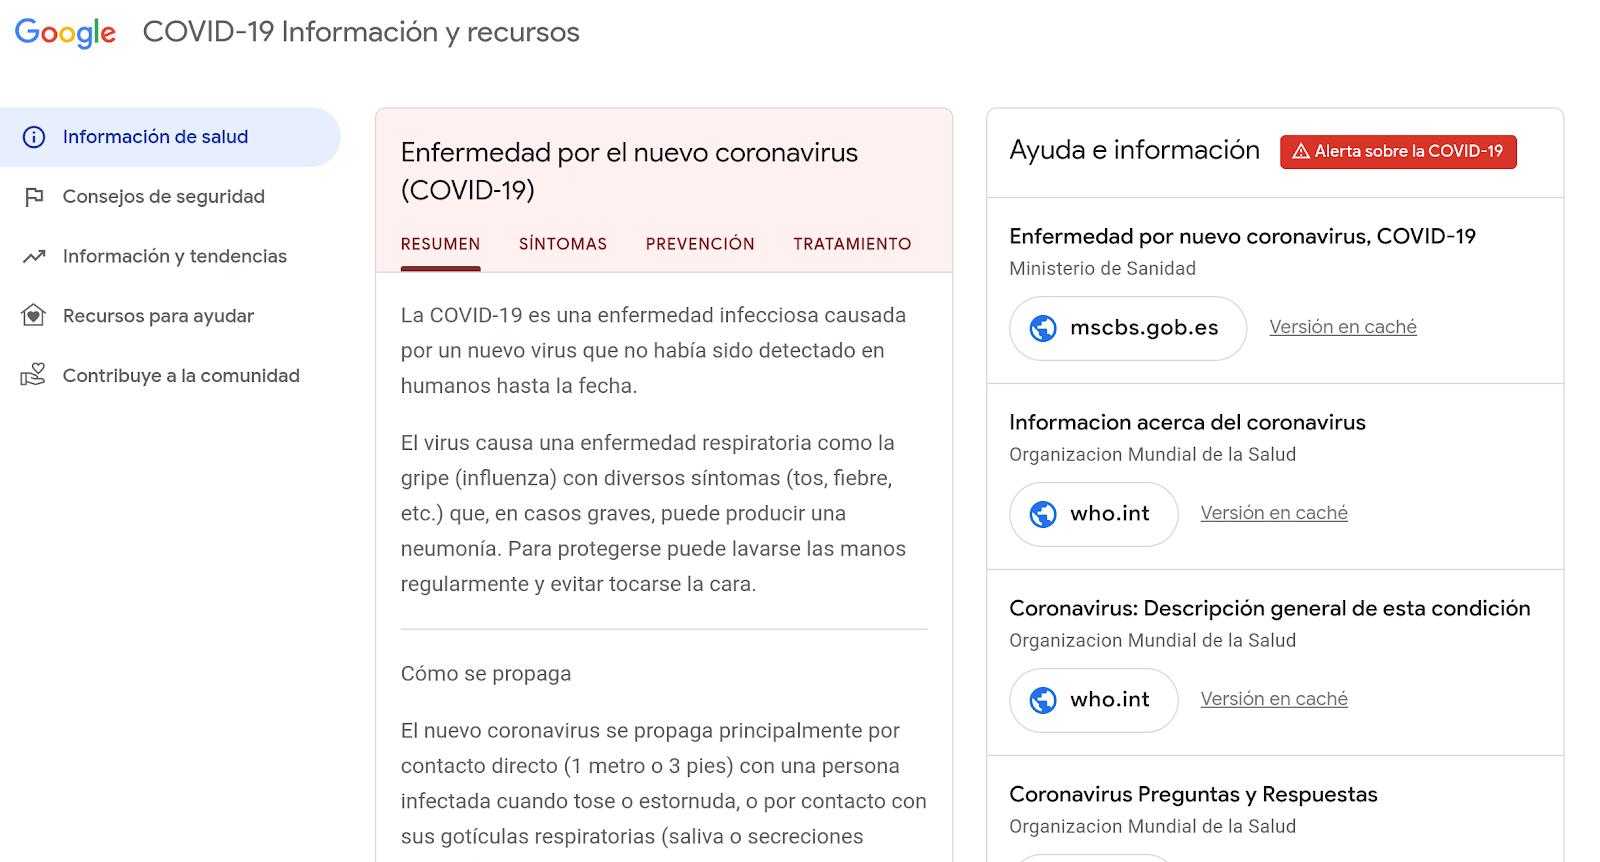 Coronavirus: Cómo ayuda Google en España